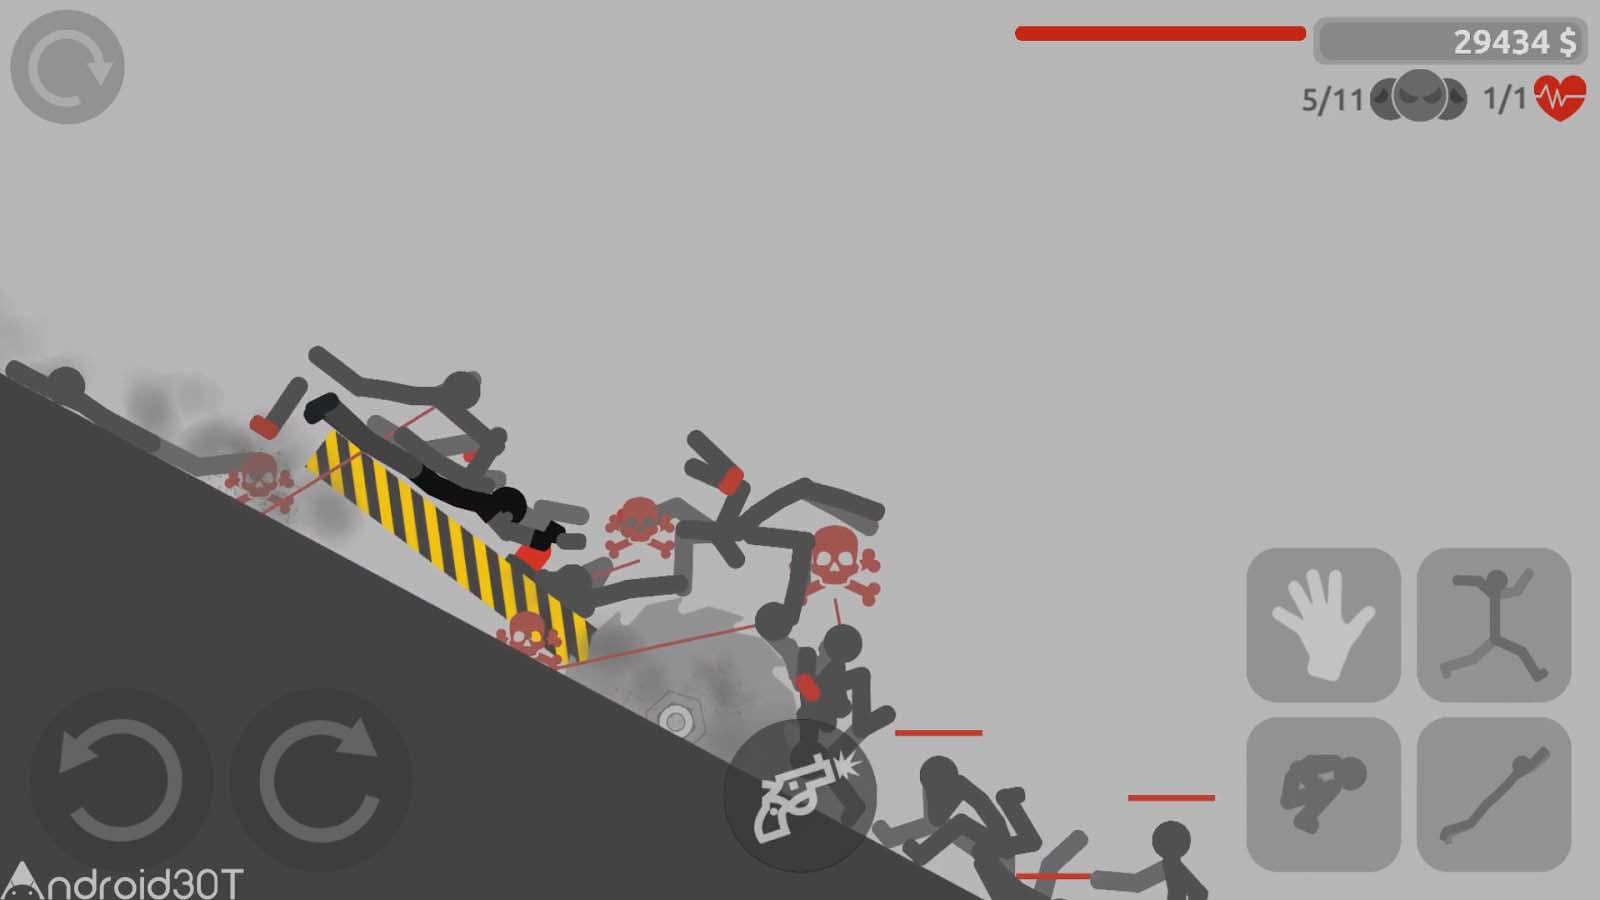 دانلود Stickman Backflip Killer 4 0.1 – بازی اکشن استیکمن قهرمان 4 اندروید